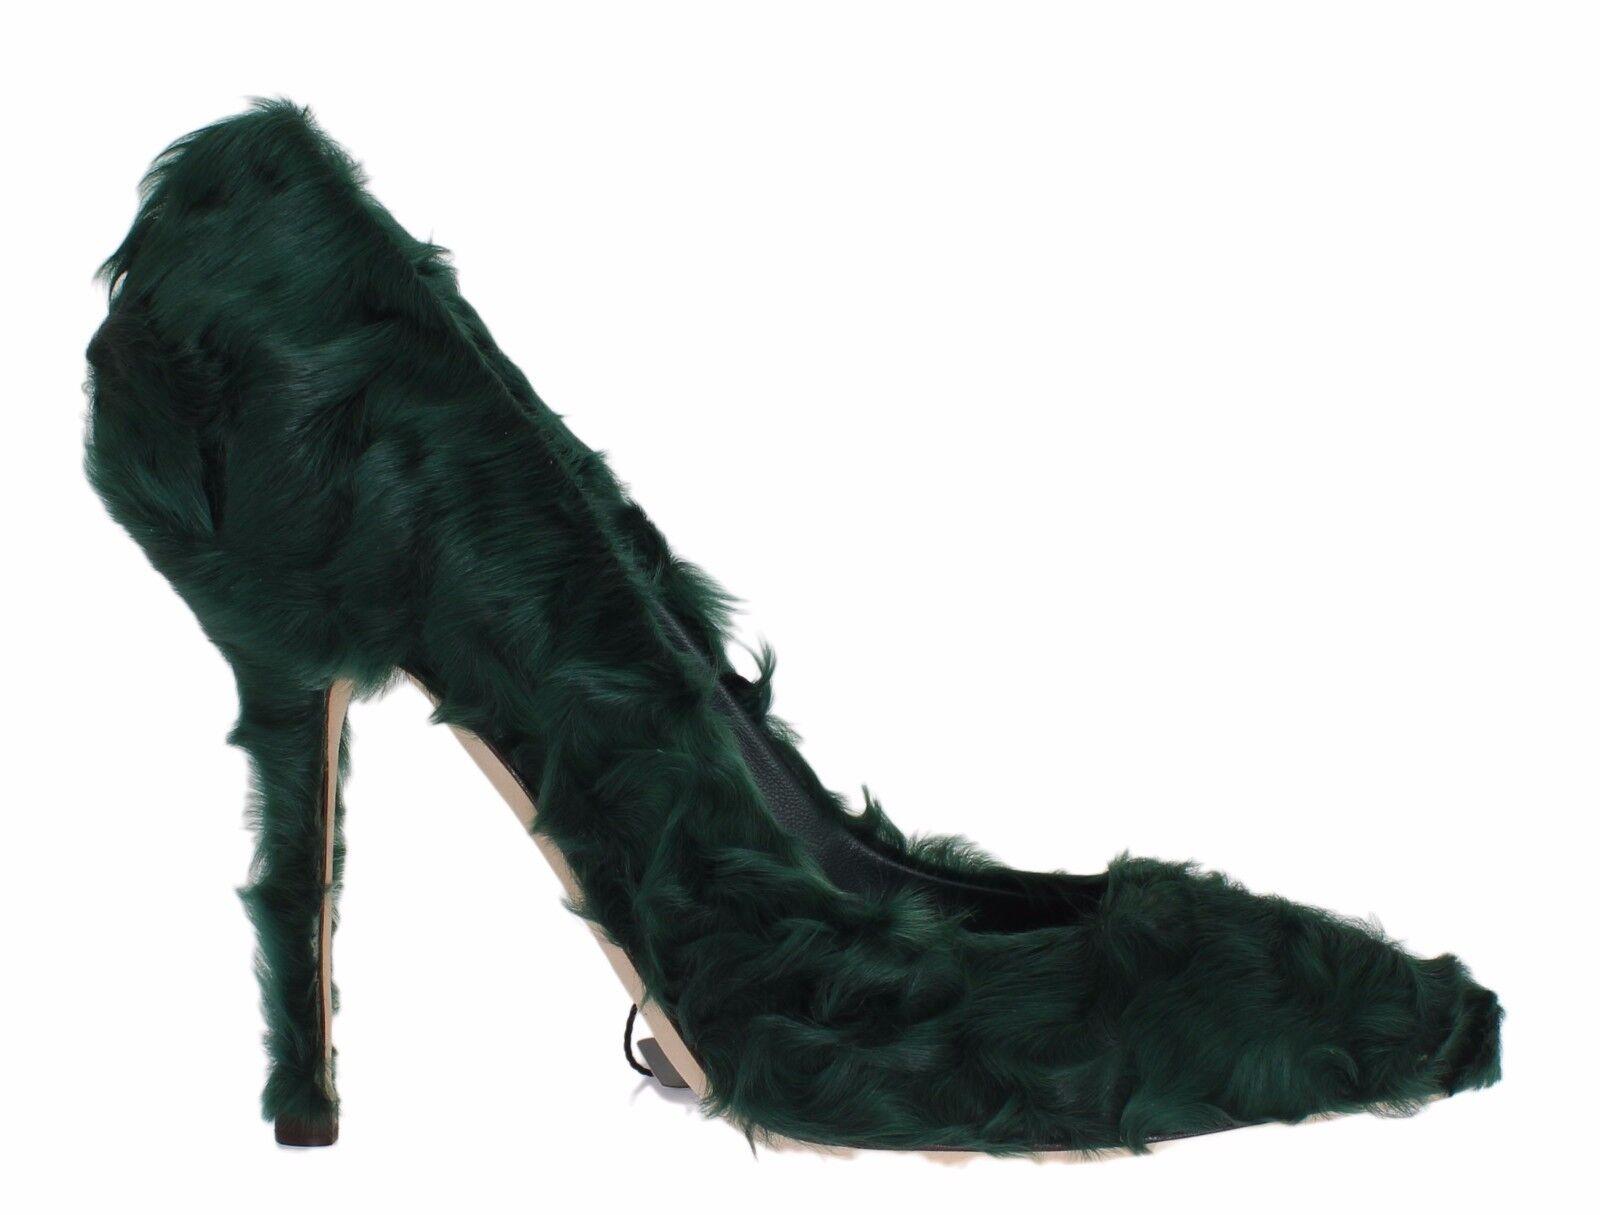 Descuento de liquidación NUEVO DOLCE & GABBANA Zapatos Verde xiangao Cordero Piel Cuero salón tacón Eu40